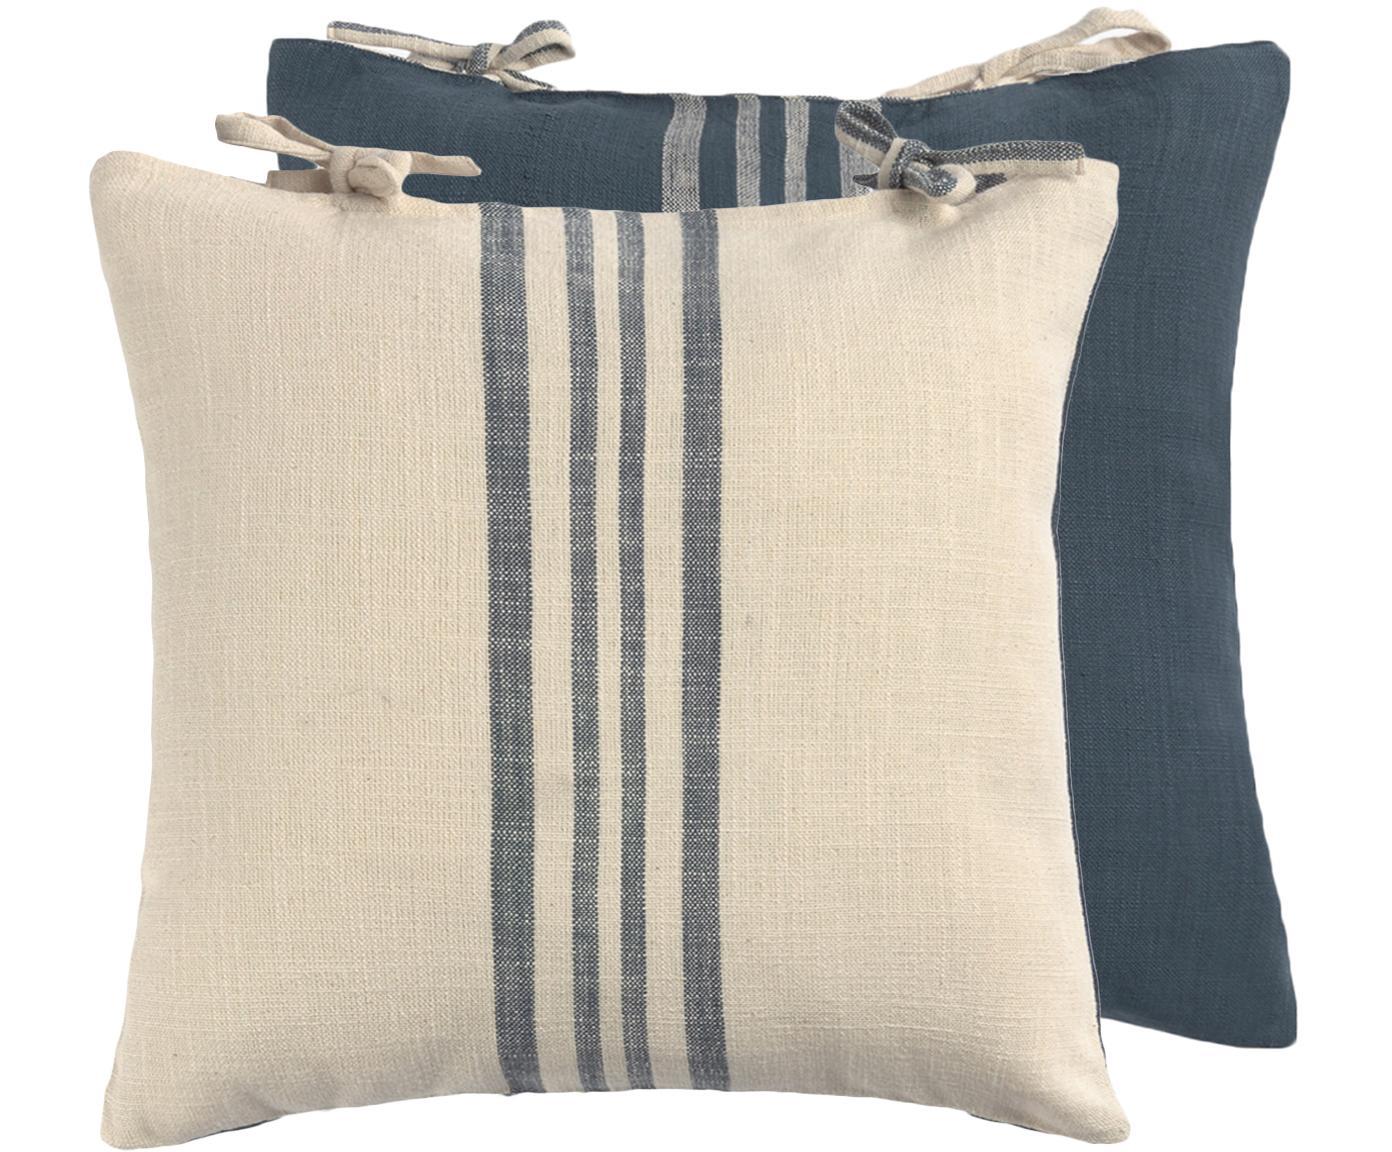 Wendekissenhülle Caspio, 100% Baumwolle, Blau, Beige, 45 x 45 cm